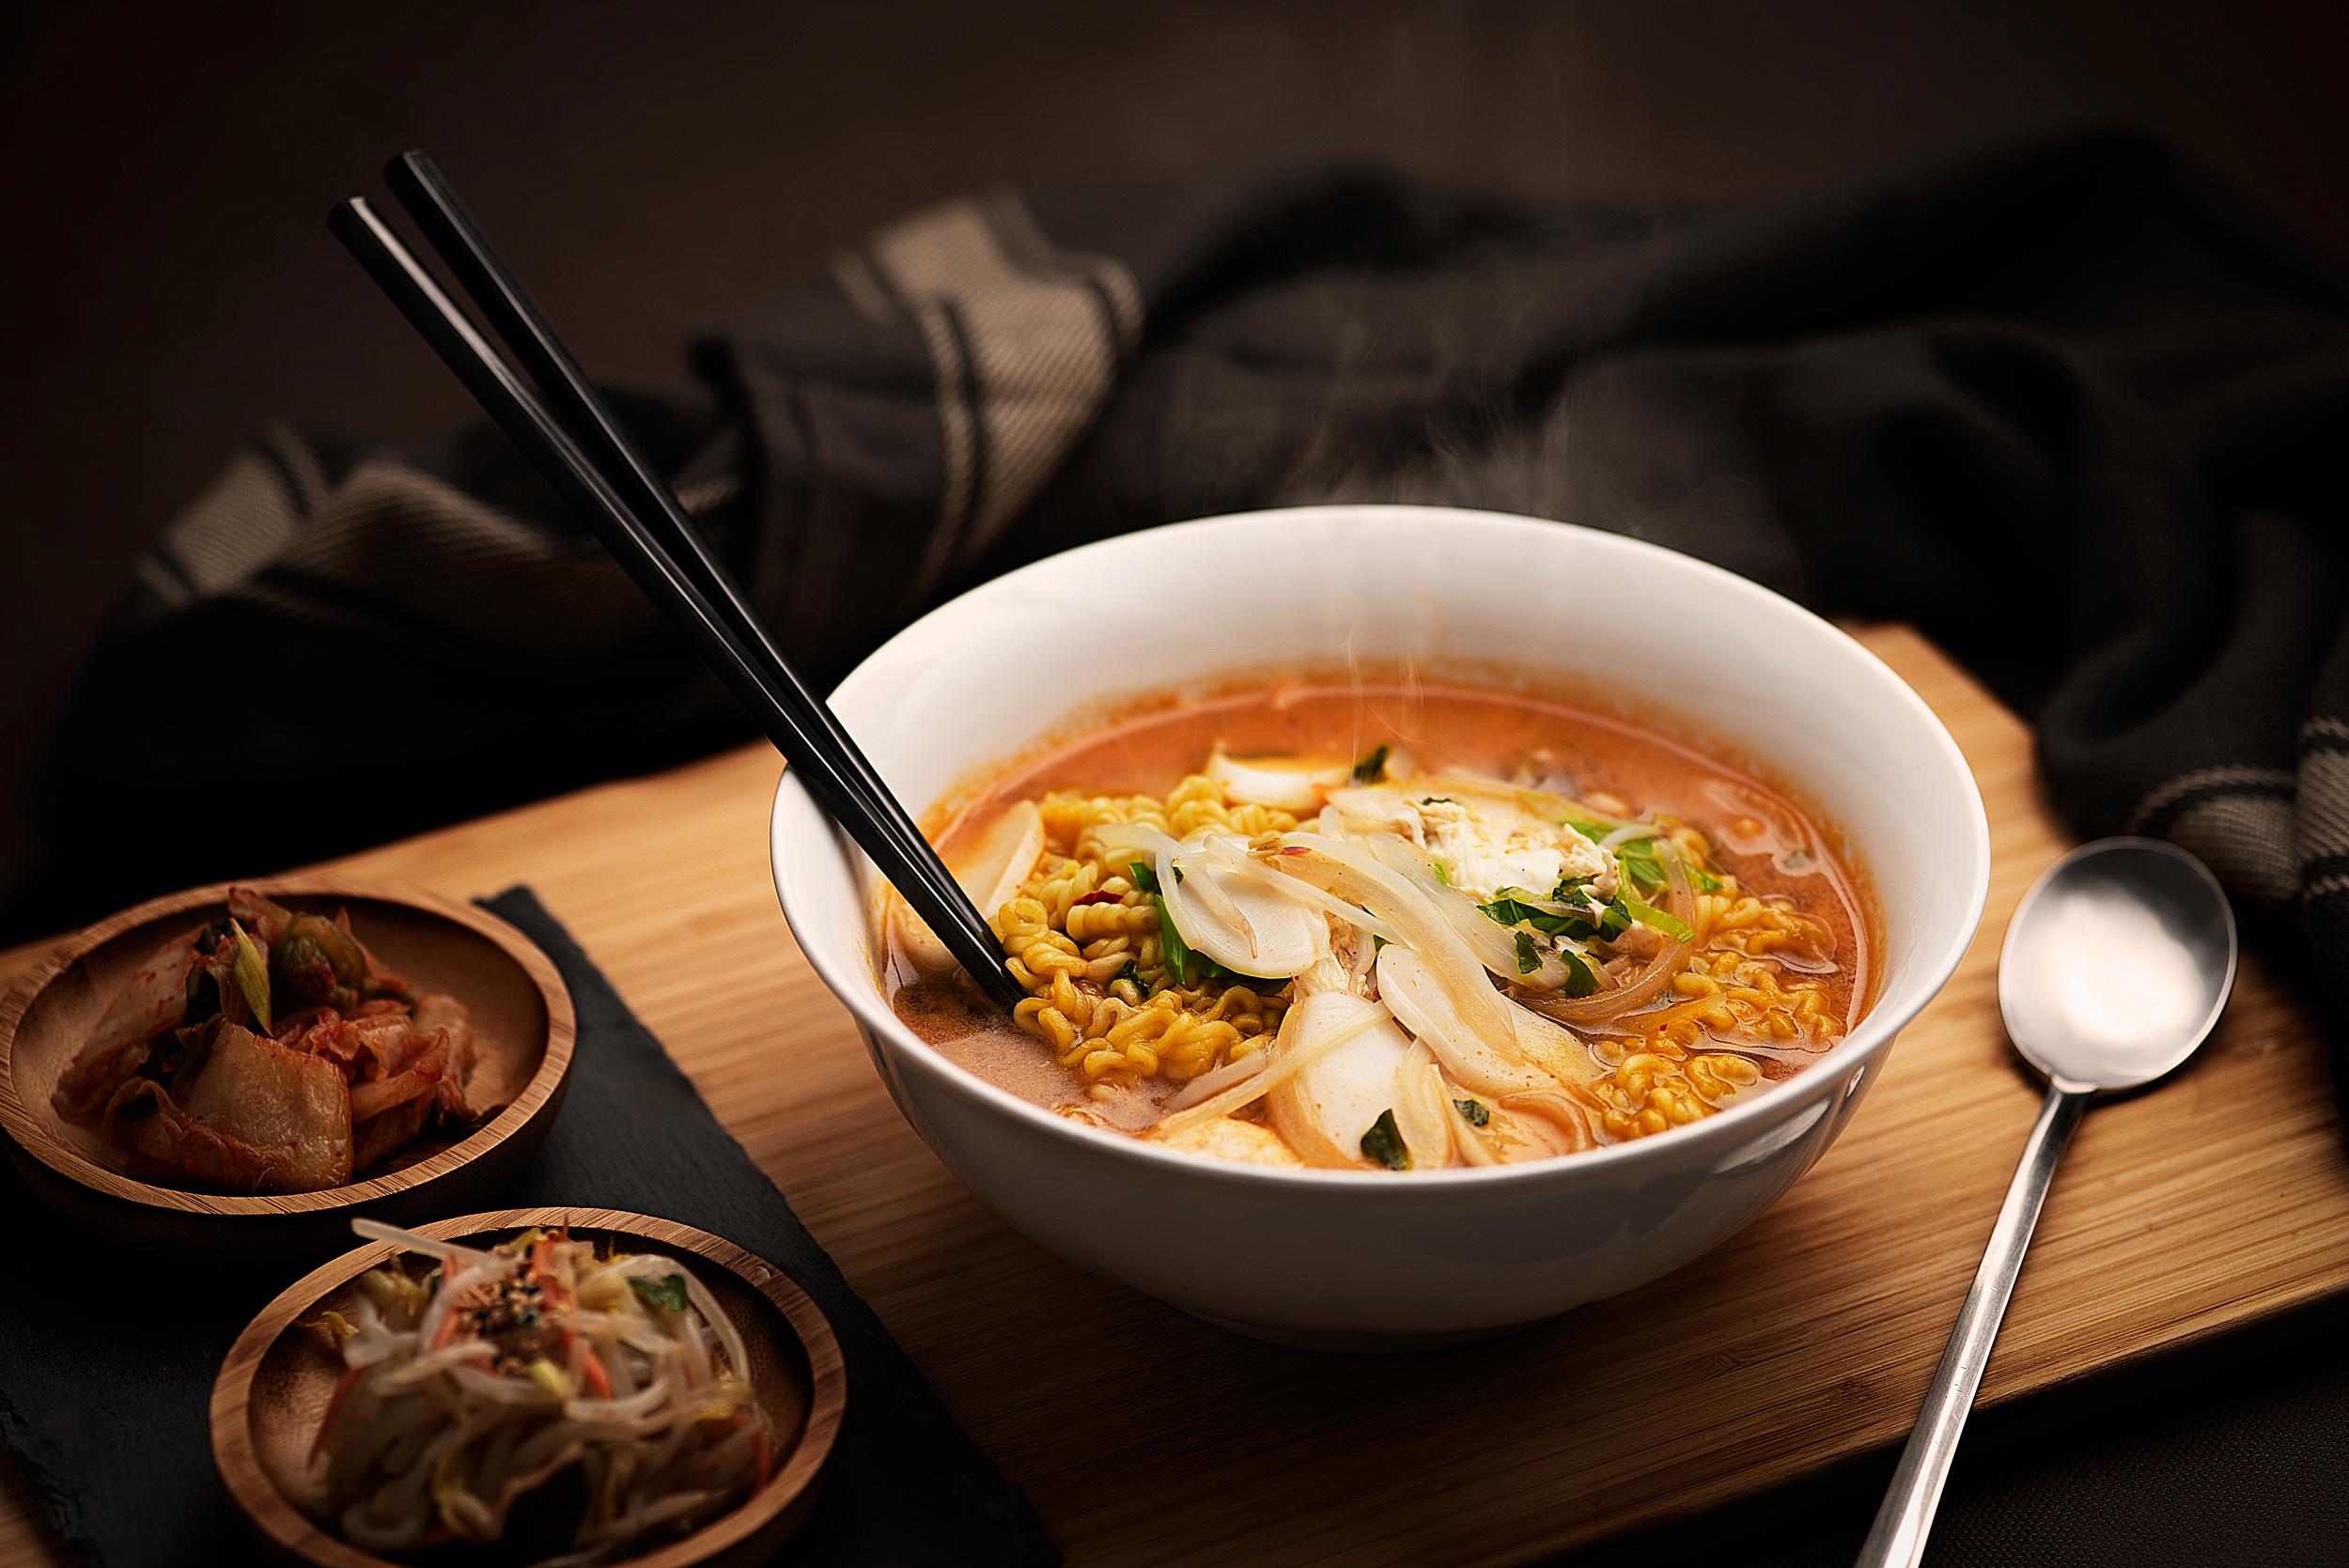 Tokramyun - Noodles picantes con pasta de arroz y huevo cocido.Conversión de una comida instantánea en todo un plato, muy popular en Corea, ahora en Midang.Noodles, pasta gruesa de arroz, caldo especial de ramyun, cebolleta, huevo cocido y verduras varias en dos niveles de picante, normal y muy picante.8.50€